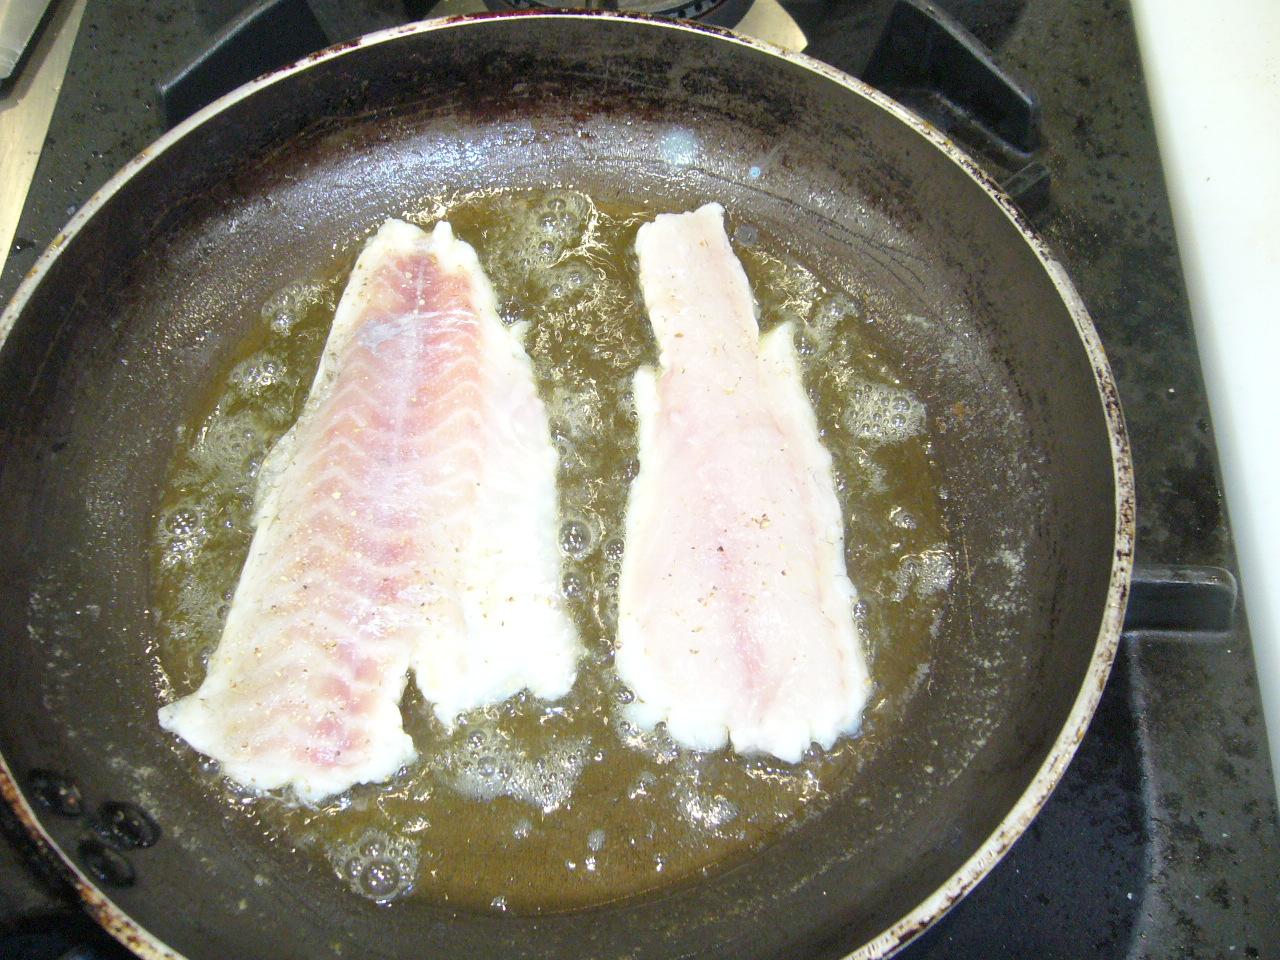 Cocinando na quinta noenlle lubina en salsa de almendras - Salsa para lubina a la sal ...